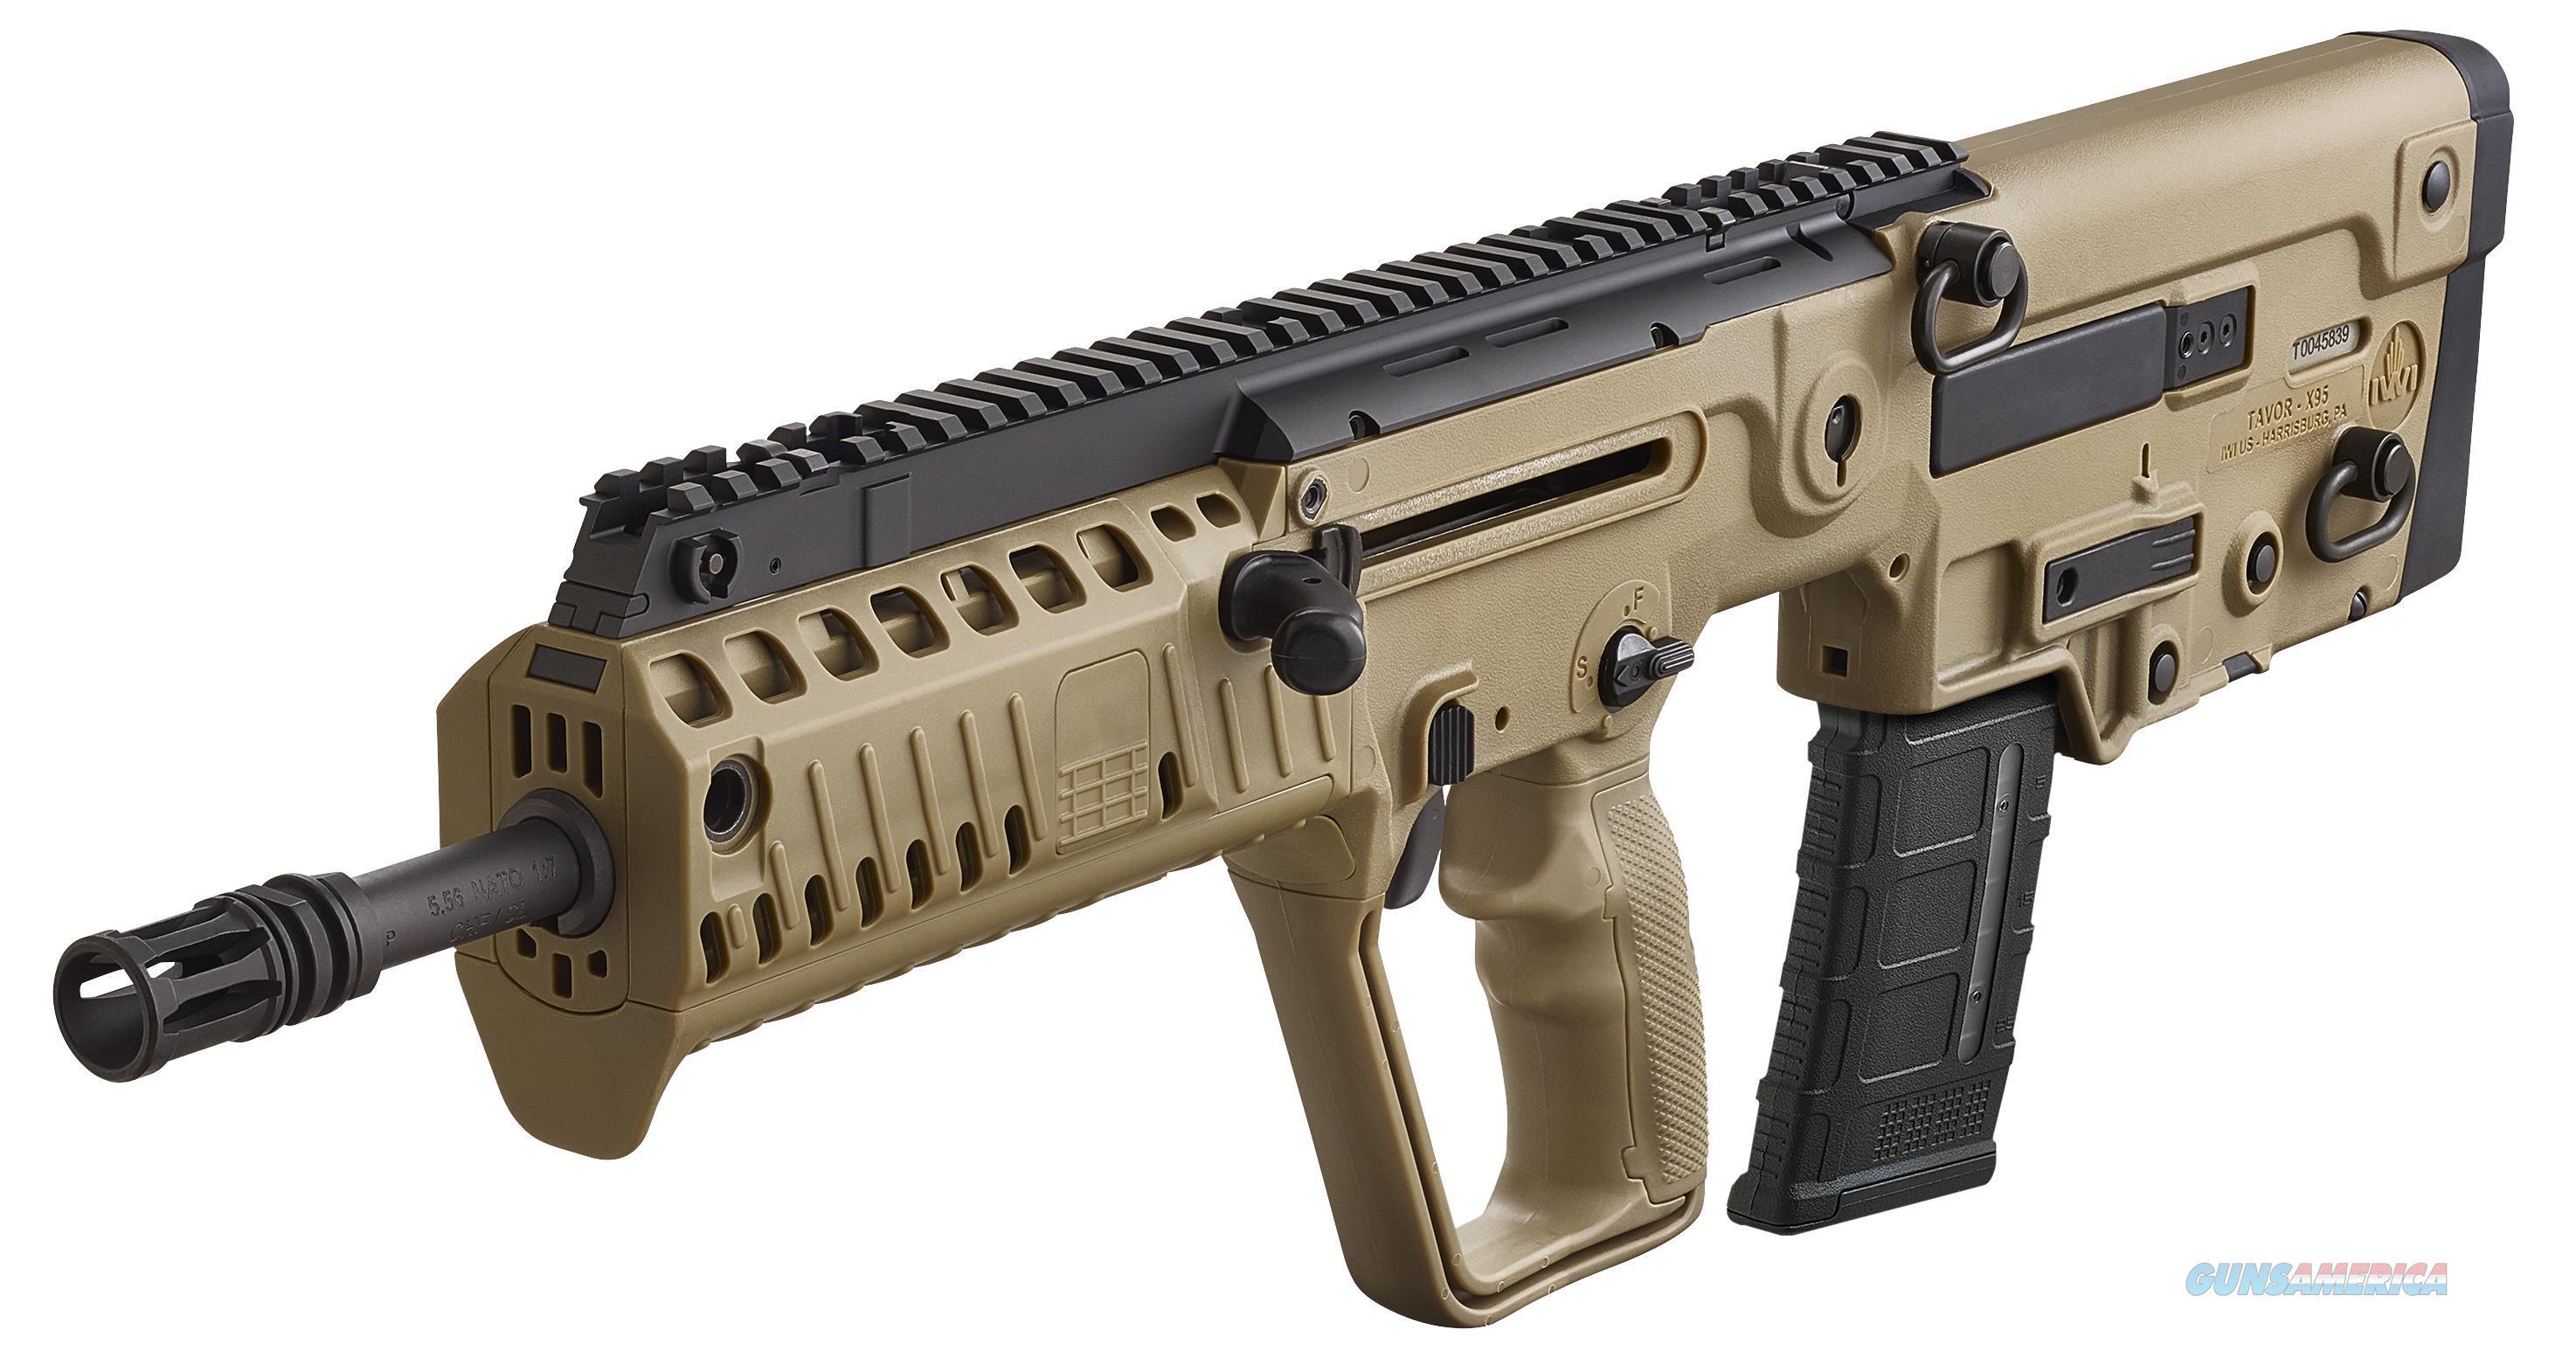 """Iwi Us Xfd18 Tavor X95 Semi-Automatic 223 Remington/5.56 Nato 18.5"""" 30+1 Polymer Bullpup Flat Dark Earth Stk Black XFD18  Guns > Rifles > IJ Misc Rifles"""